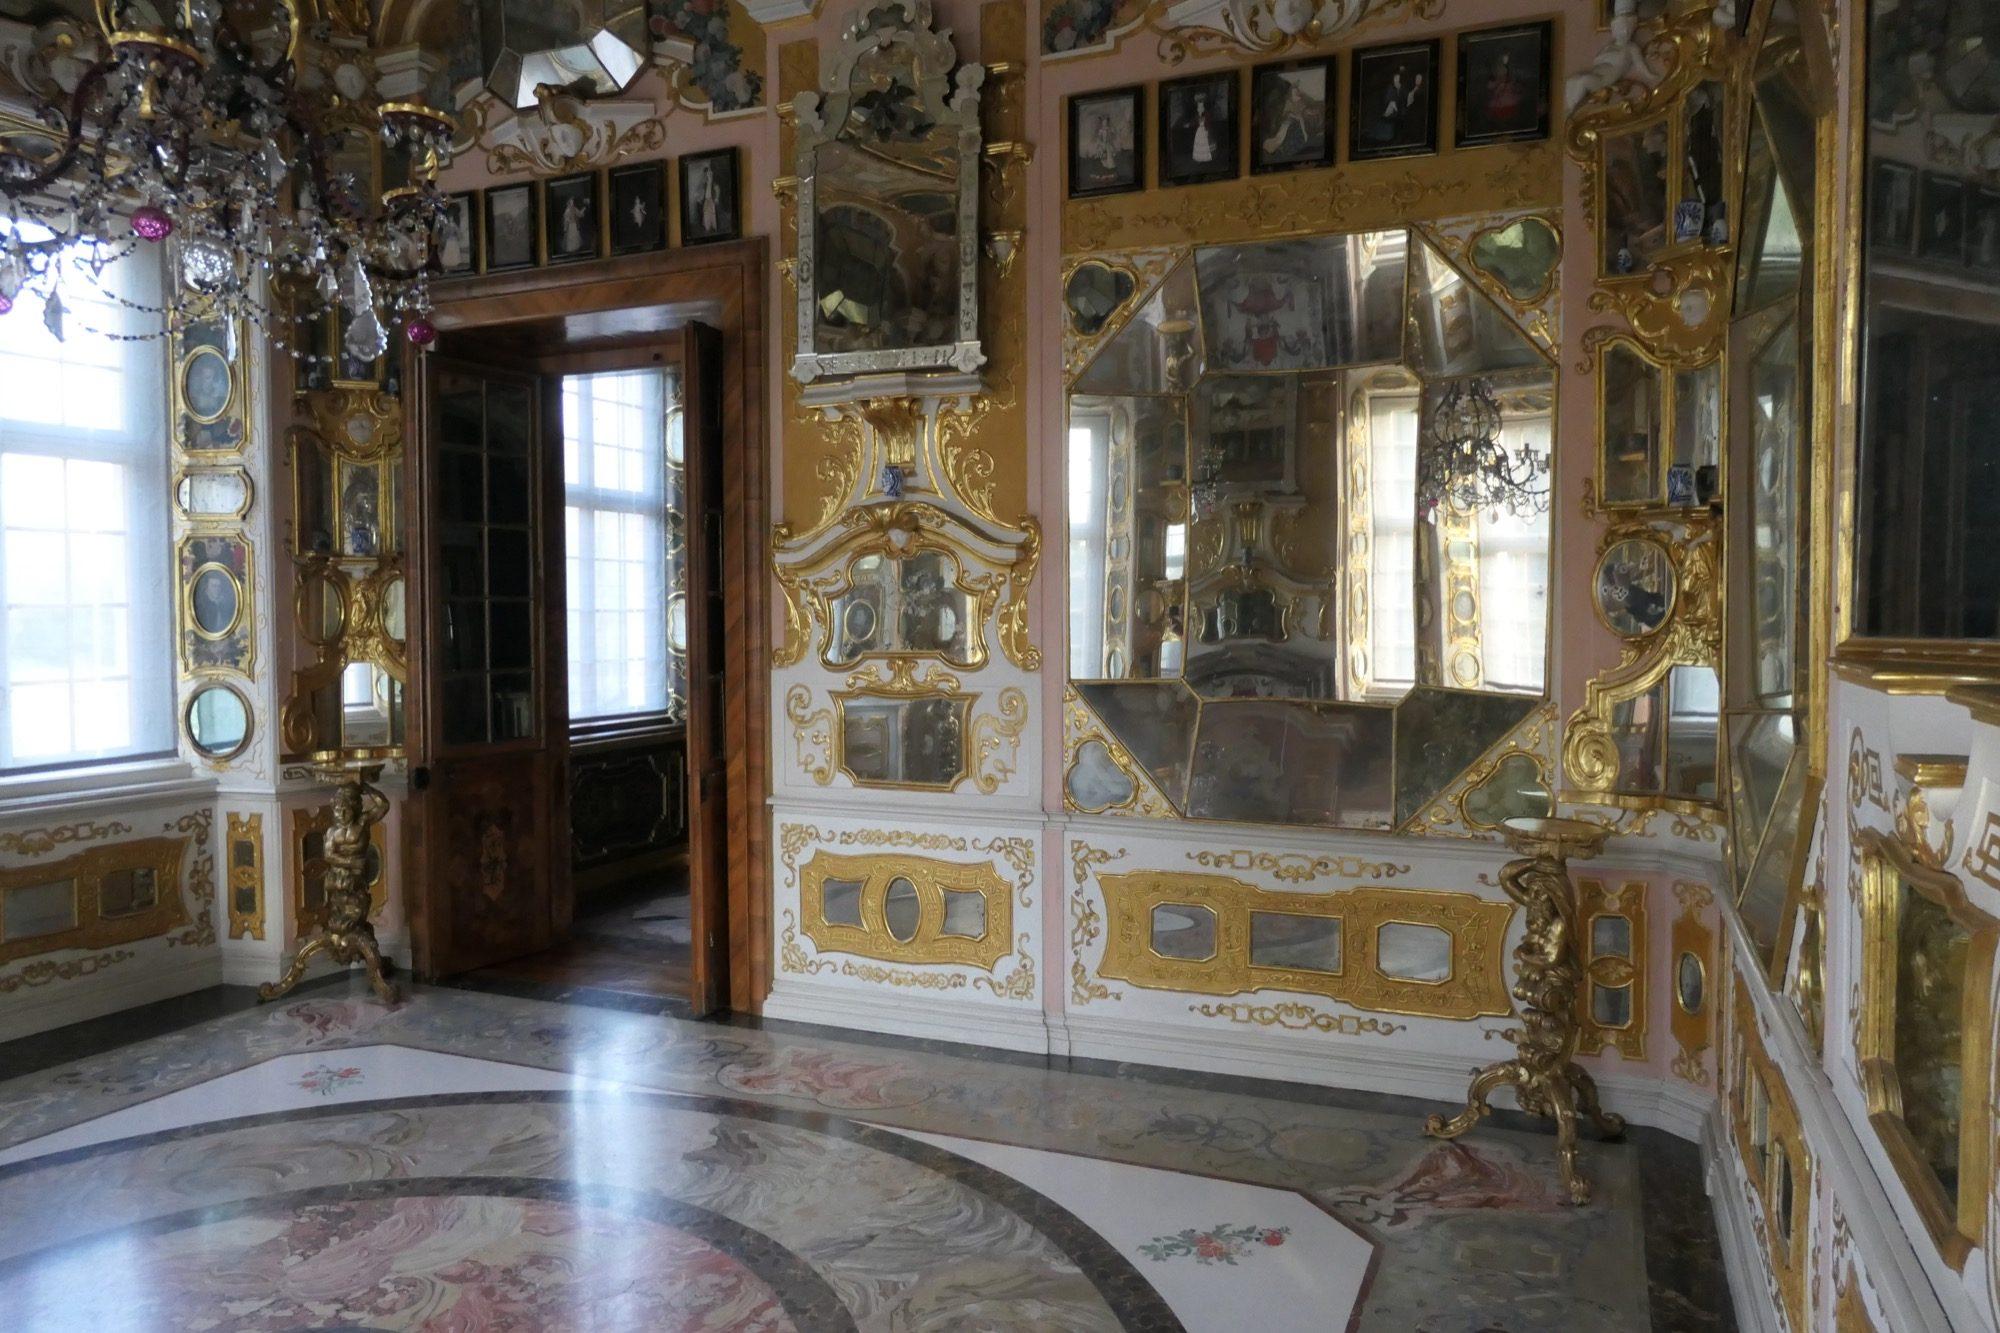 Mirror room at Rastatt Favorite Palace.